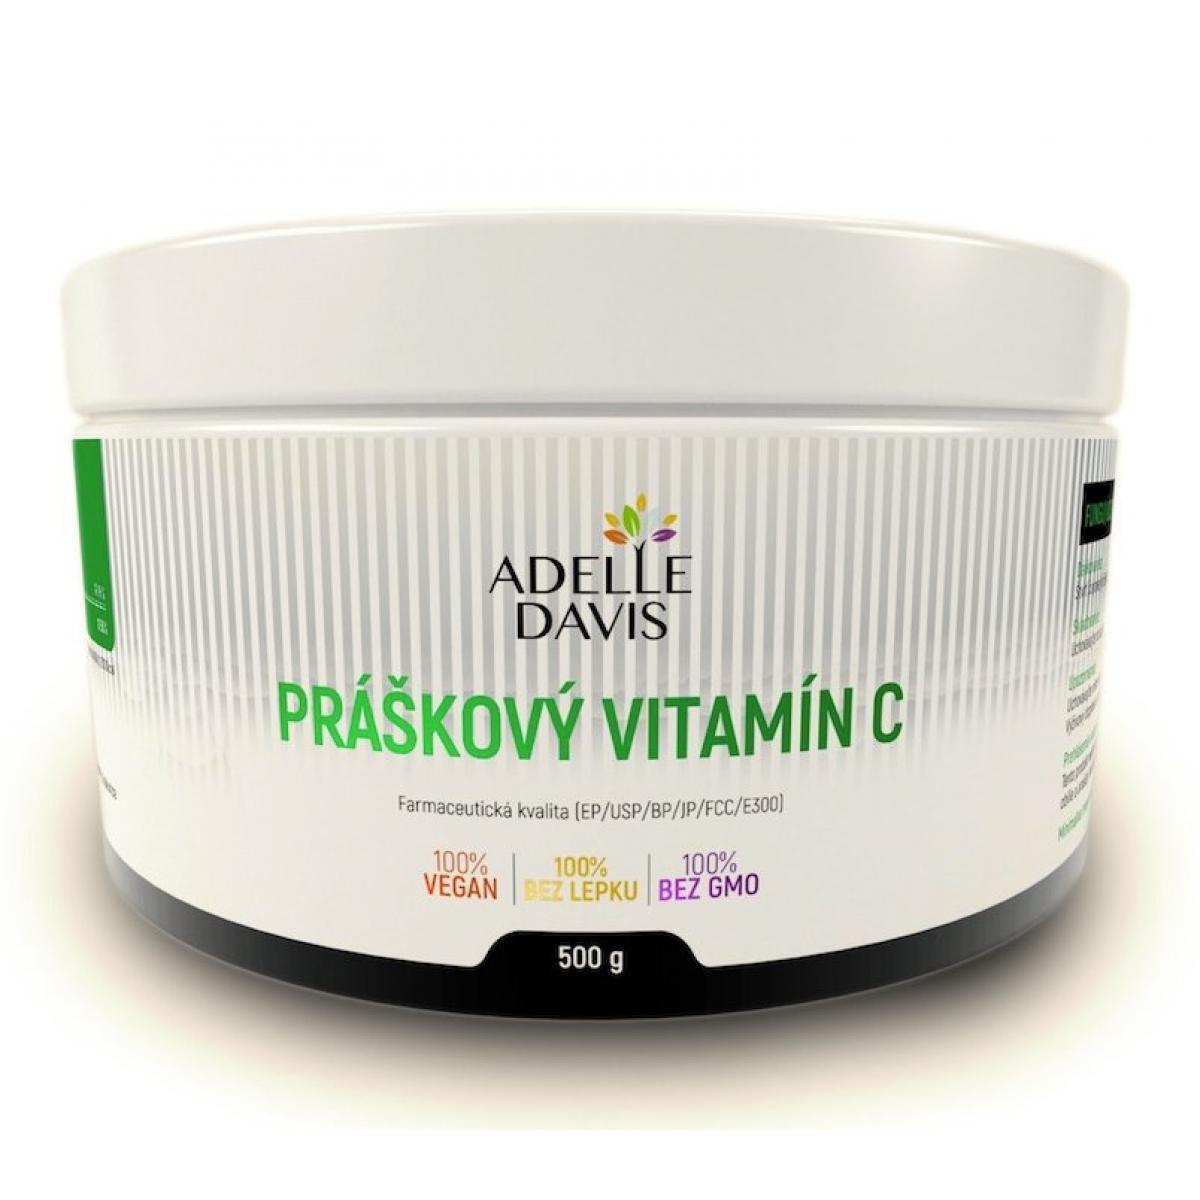 Vitamín C práškový - adelle davis -500 g